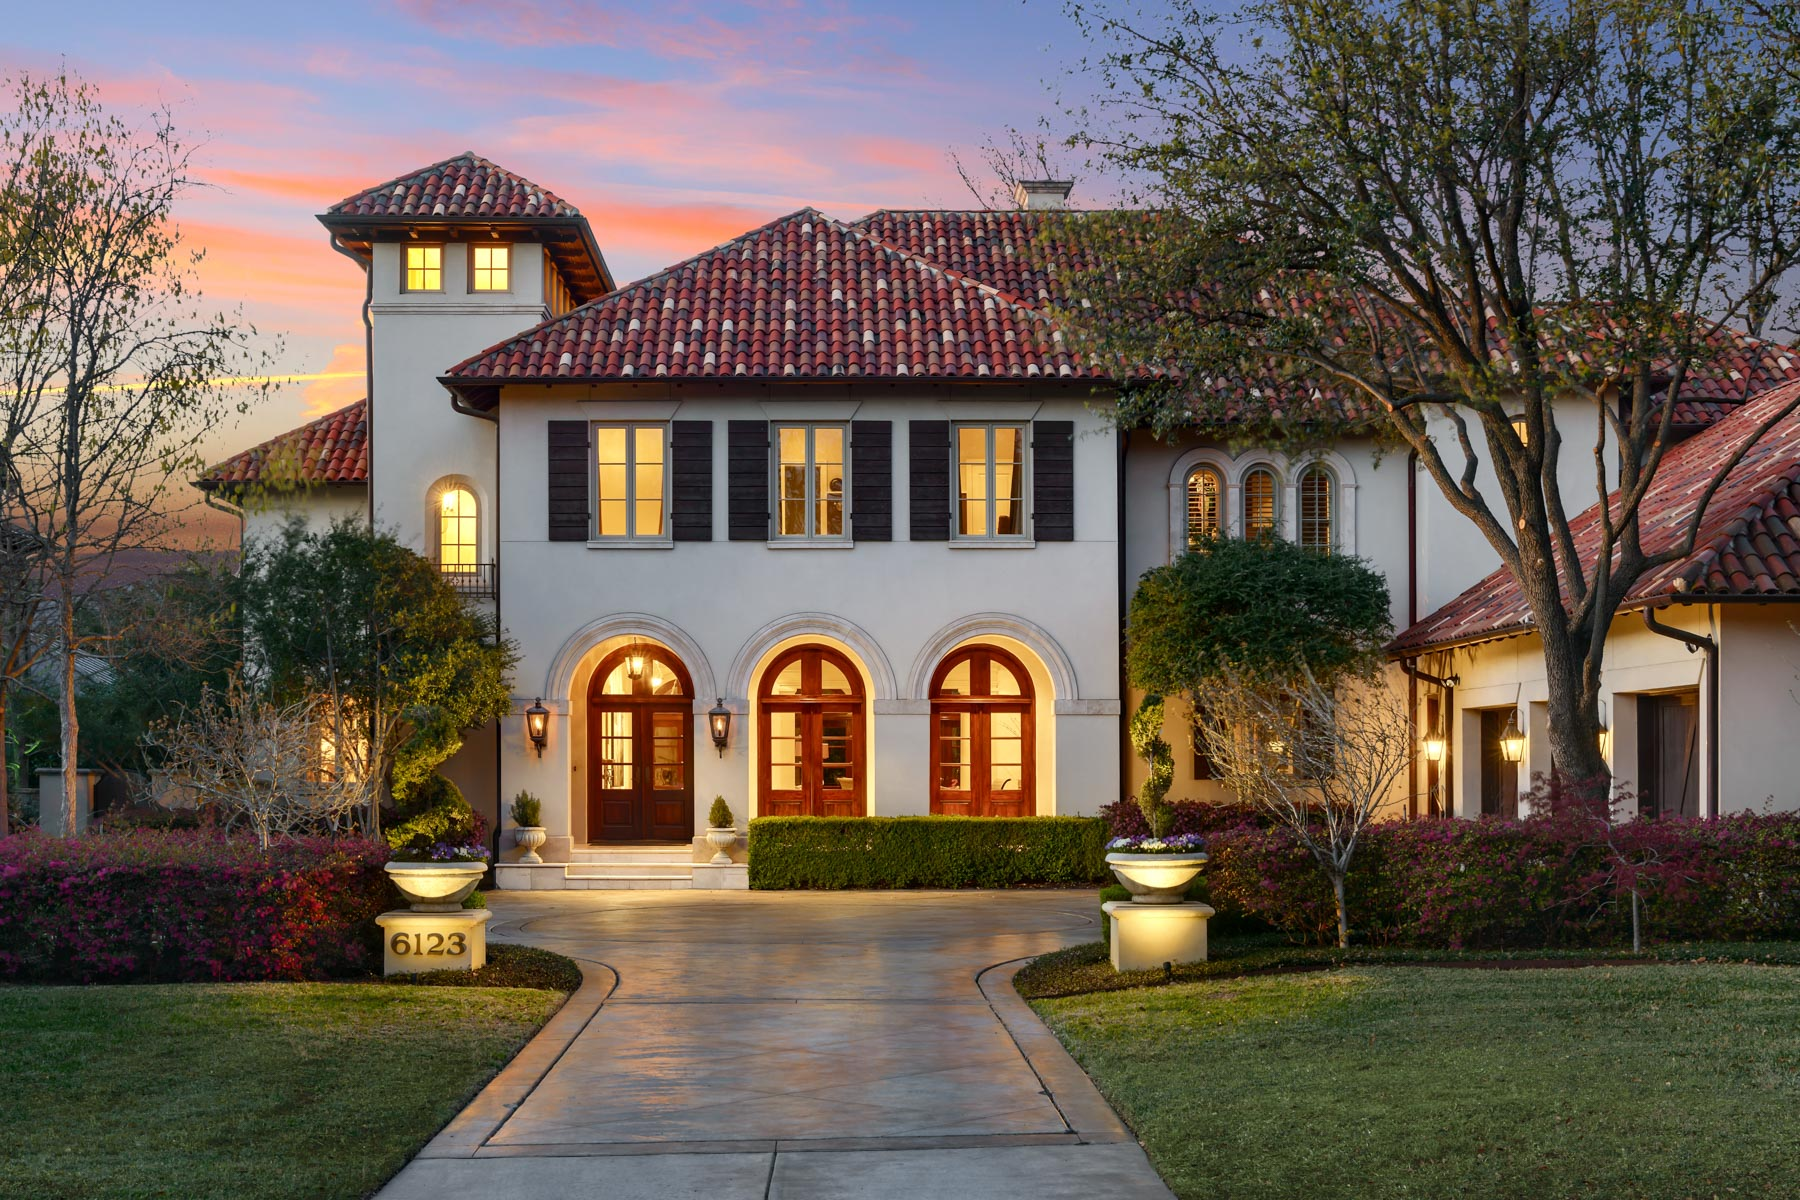 独户住宅 为 销售 在 Stunning Mediterranean in Preston Hollow 6123 Norway Road, 达拉斯, 得克萨斯州, 75230 美国